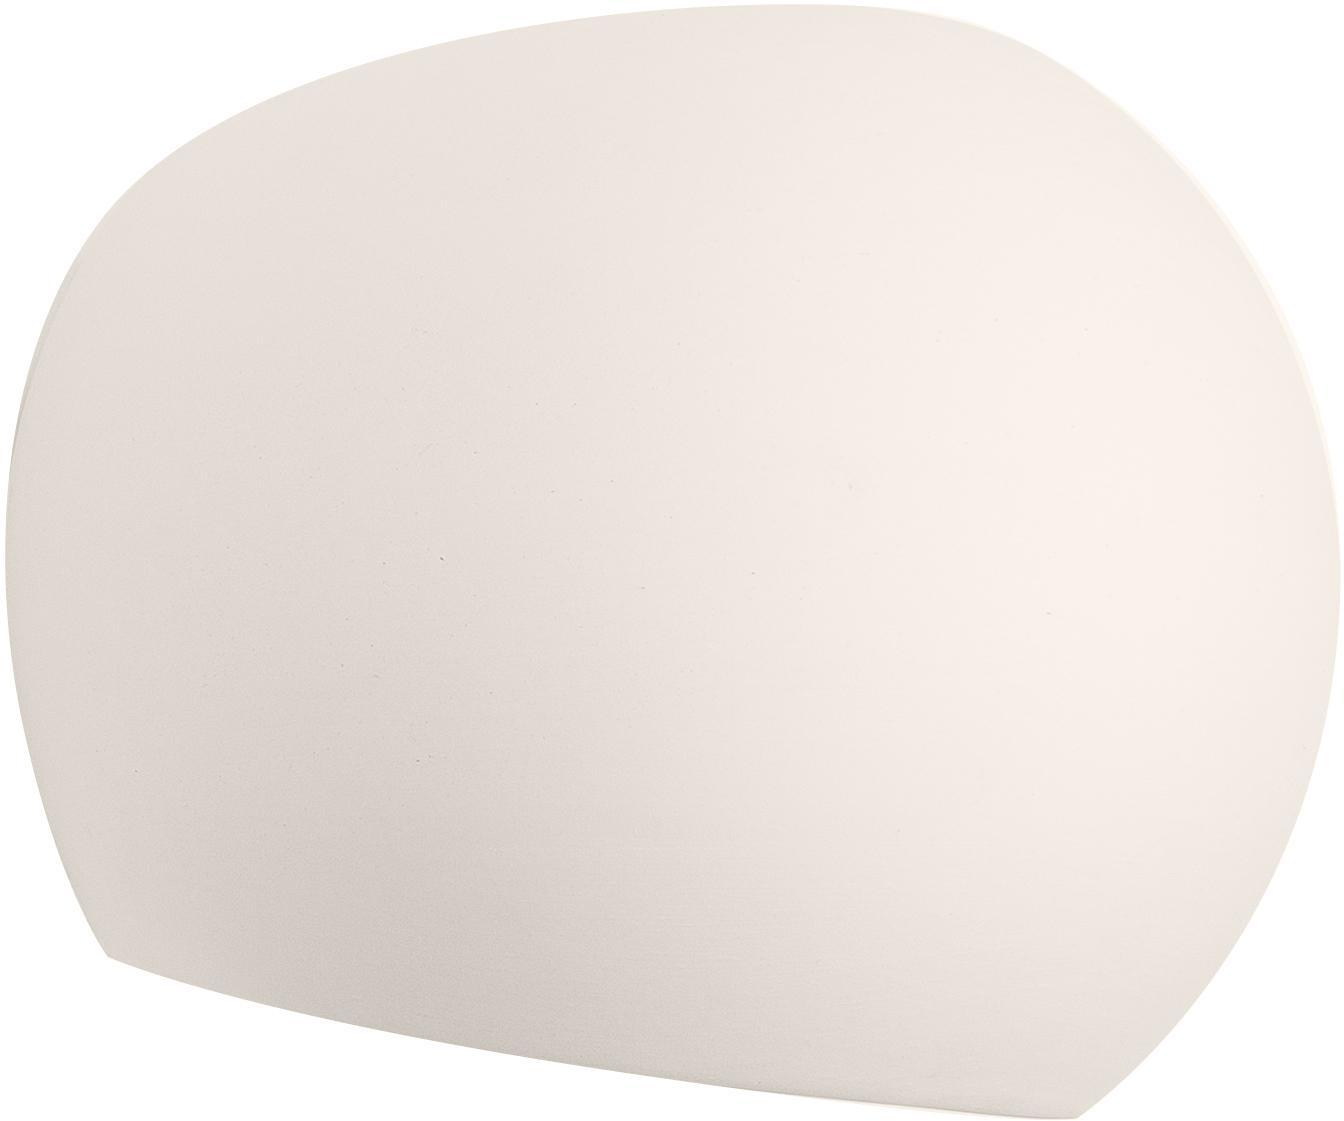 Keramik-Wandleuchte Mercury, Creme, 17 x 15 cm